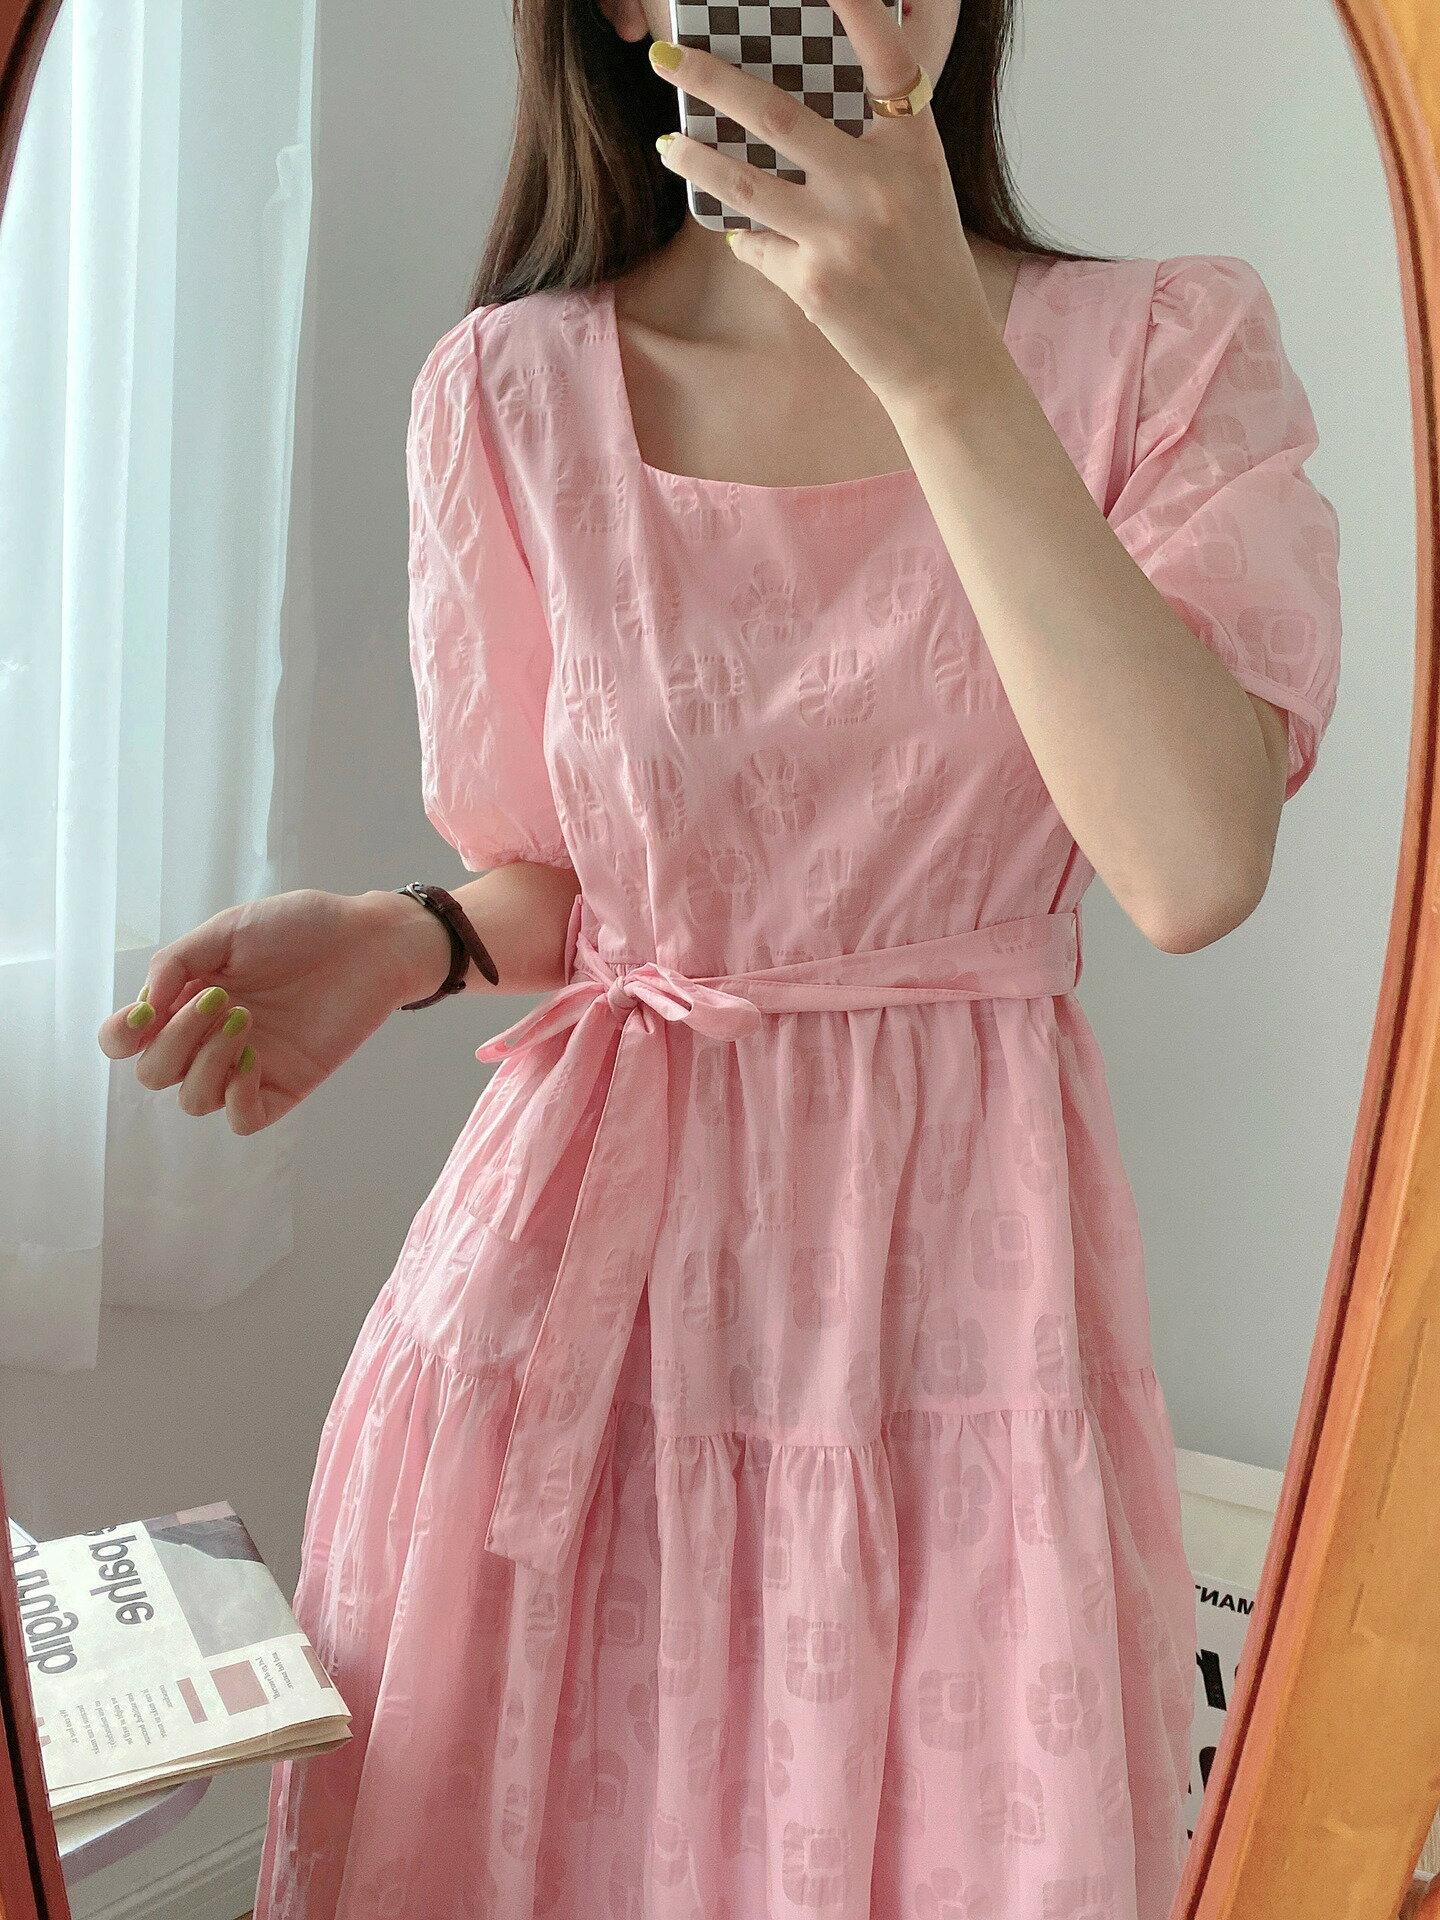 壓花連衣裙女夏季新款方領泡泡袖收腰顯瘦繫帶長裙